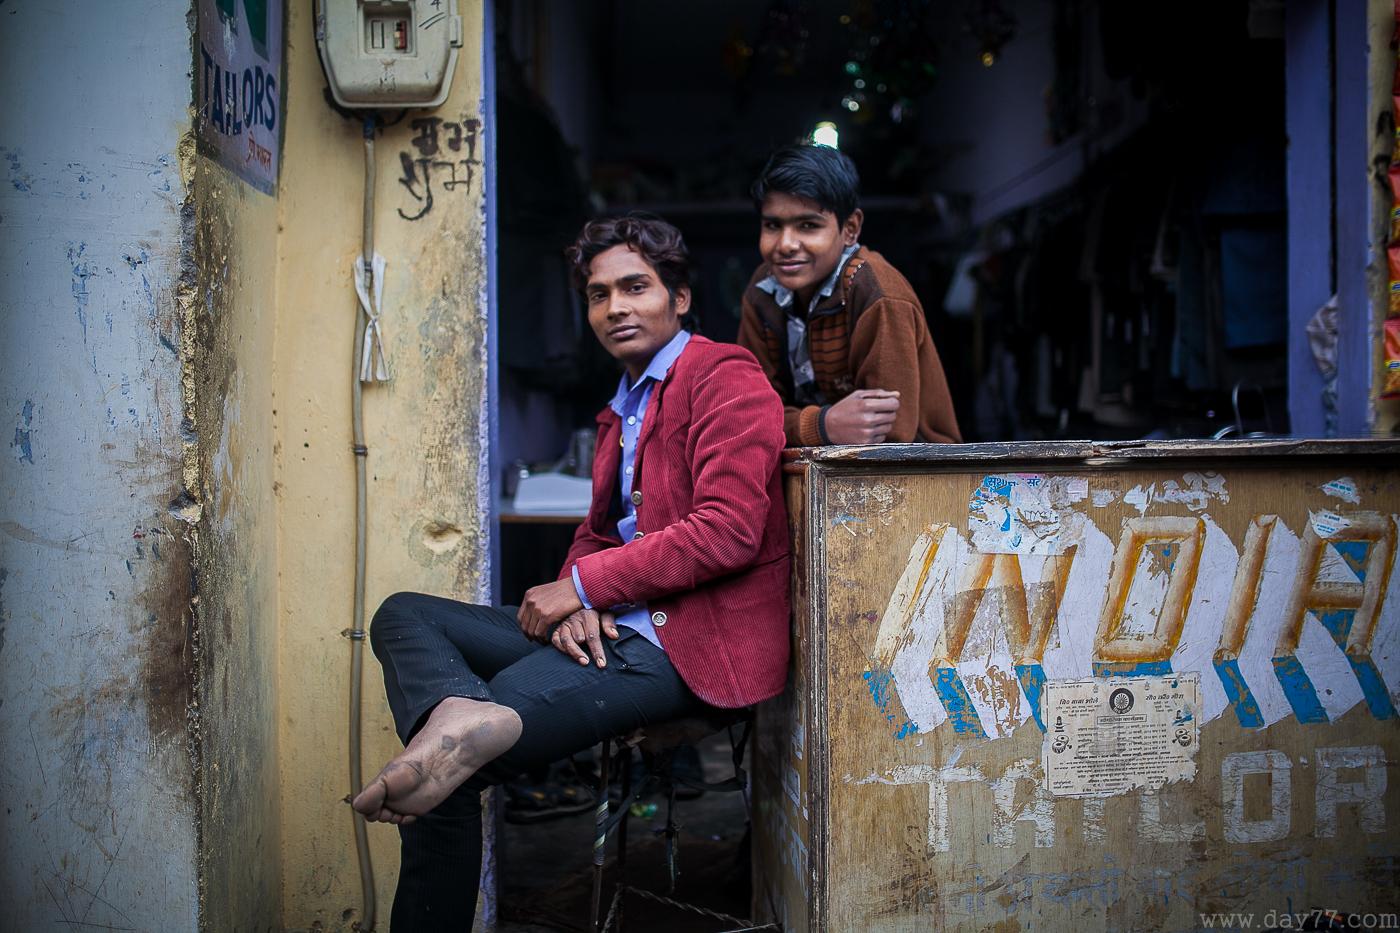 Фото из Индии: я смотрел с отвисшей челюстью